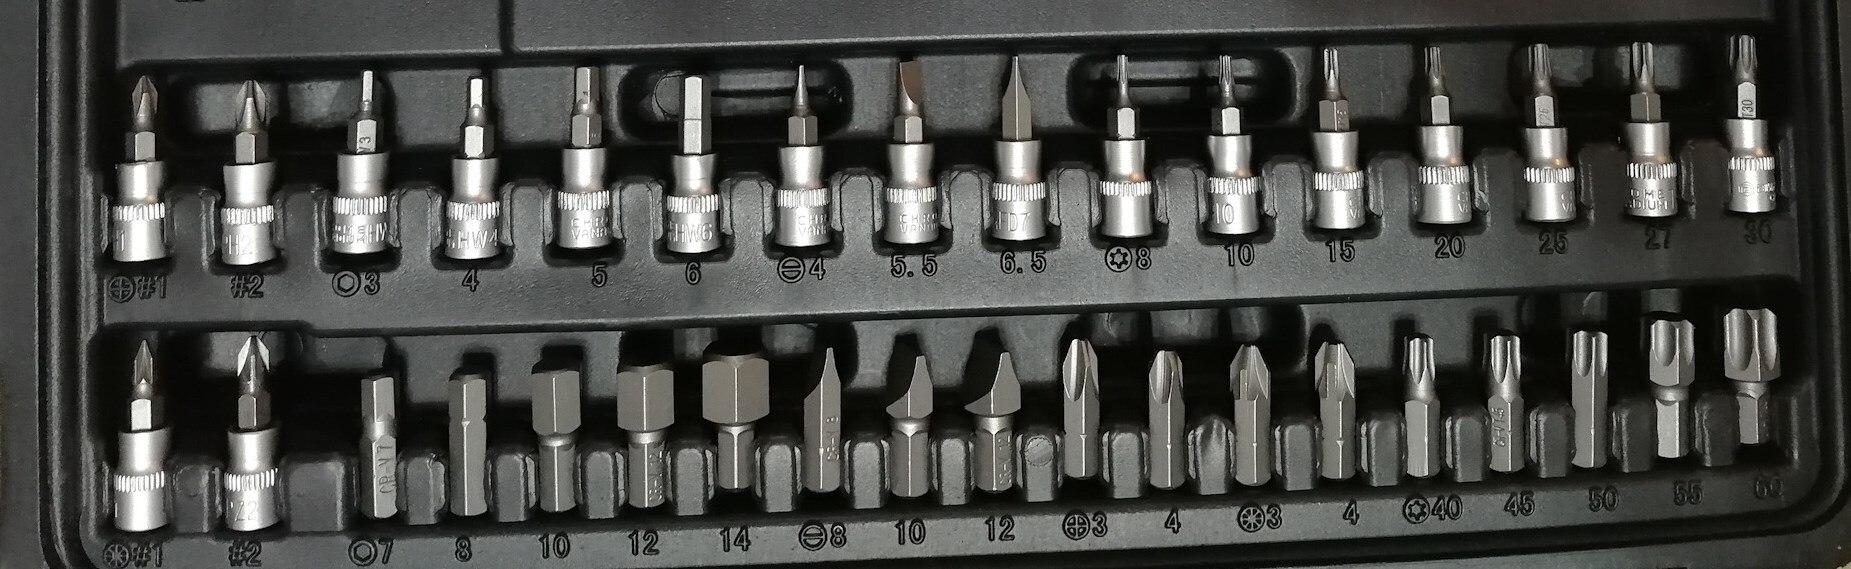 Набор инструмента 108 предметов СЕРВИС КЛЮЧ 71108 - 6